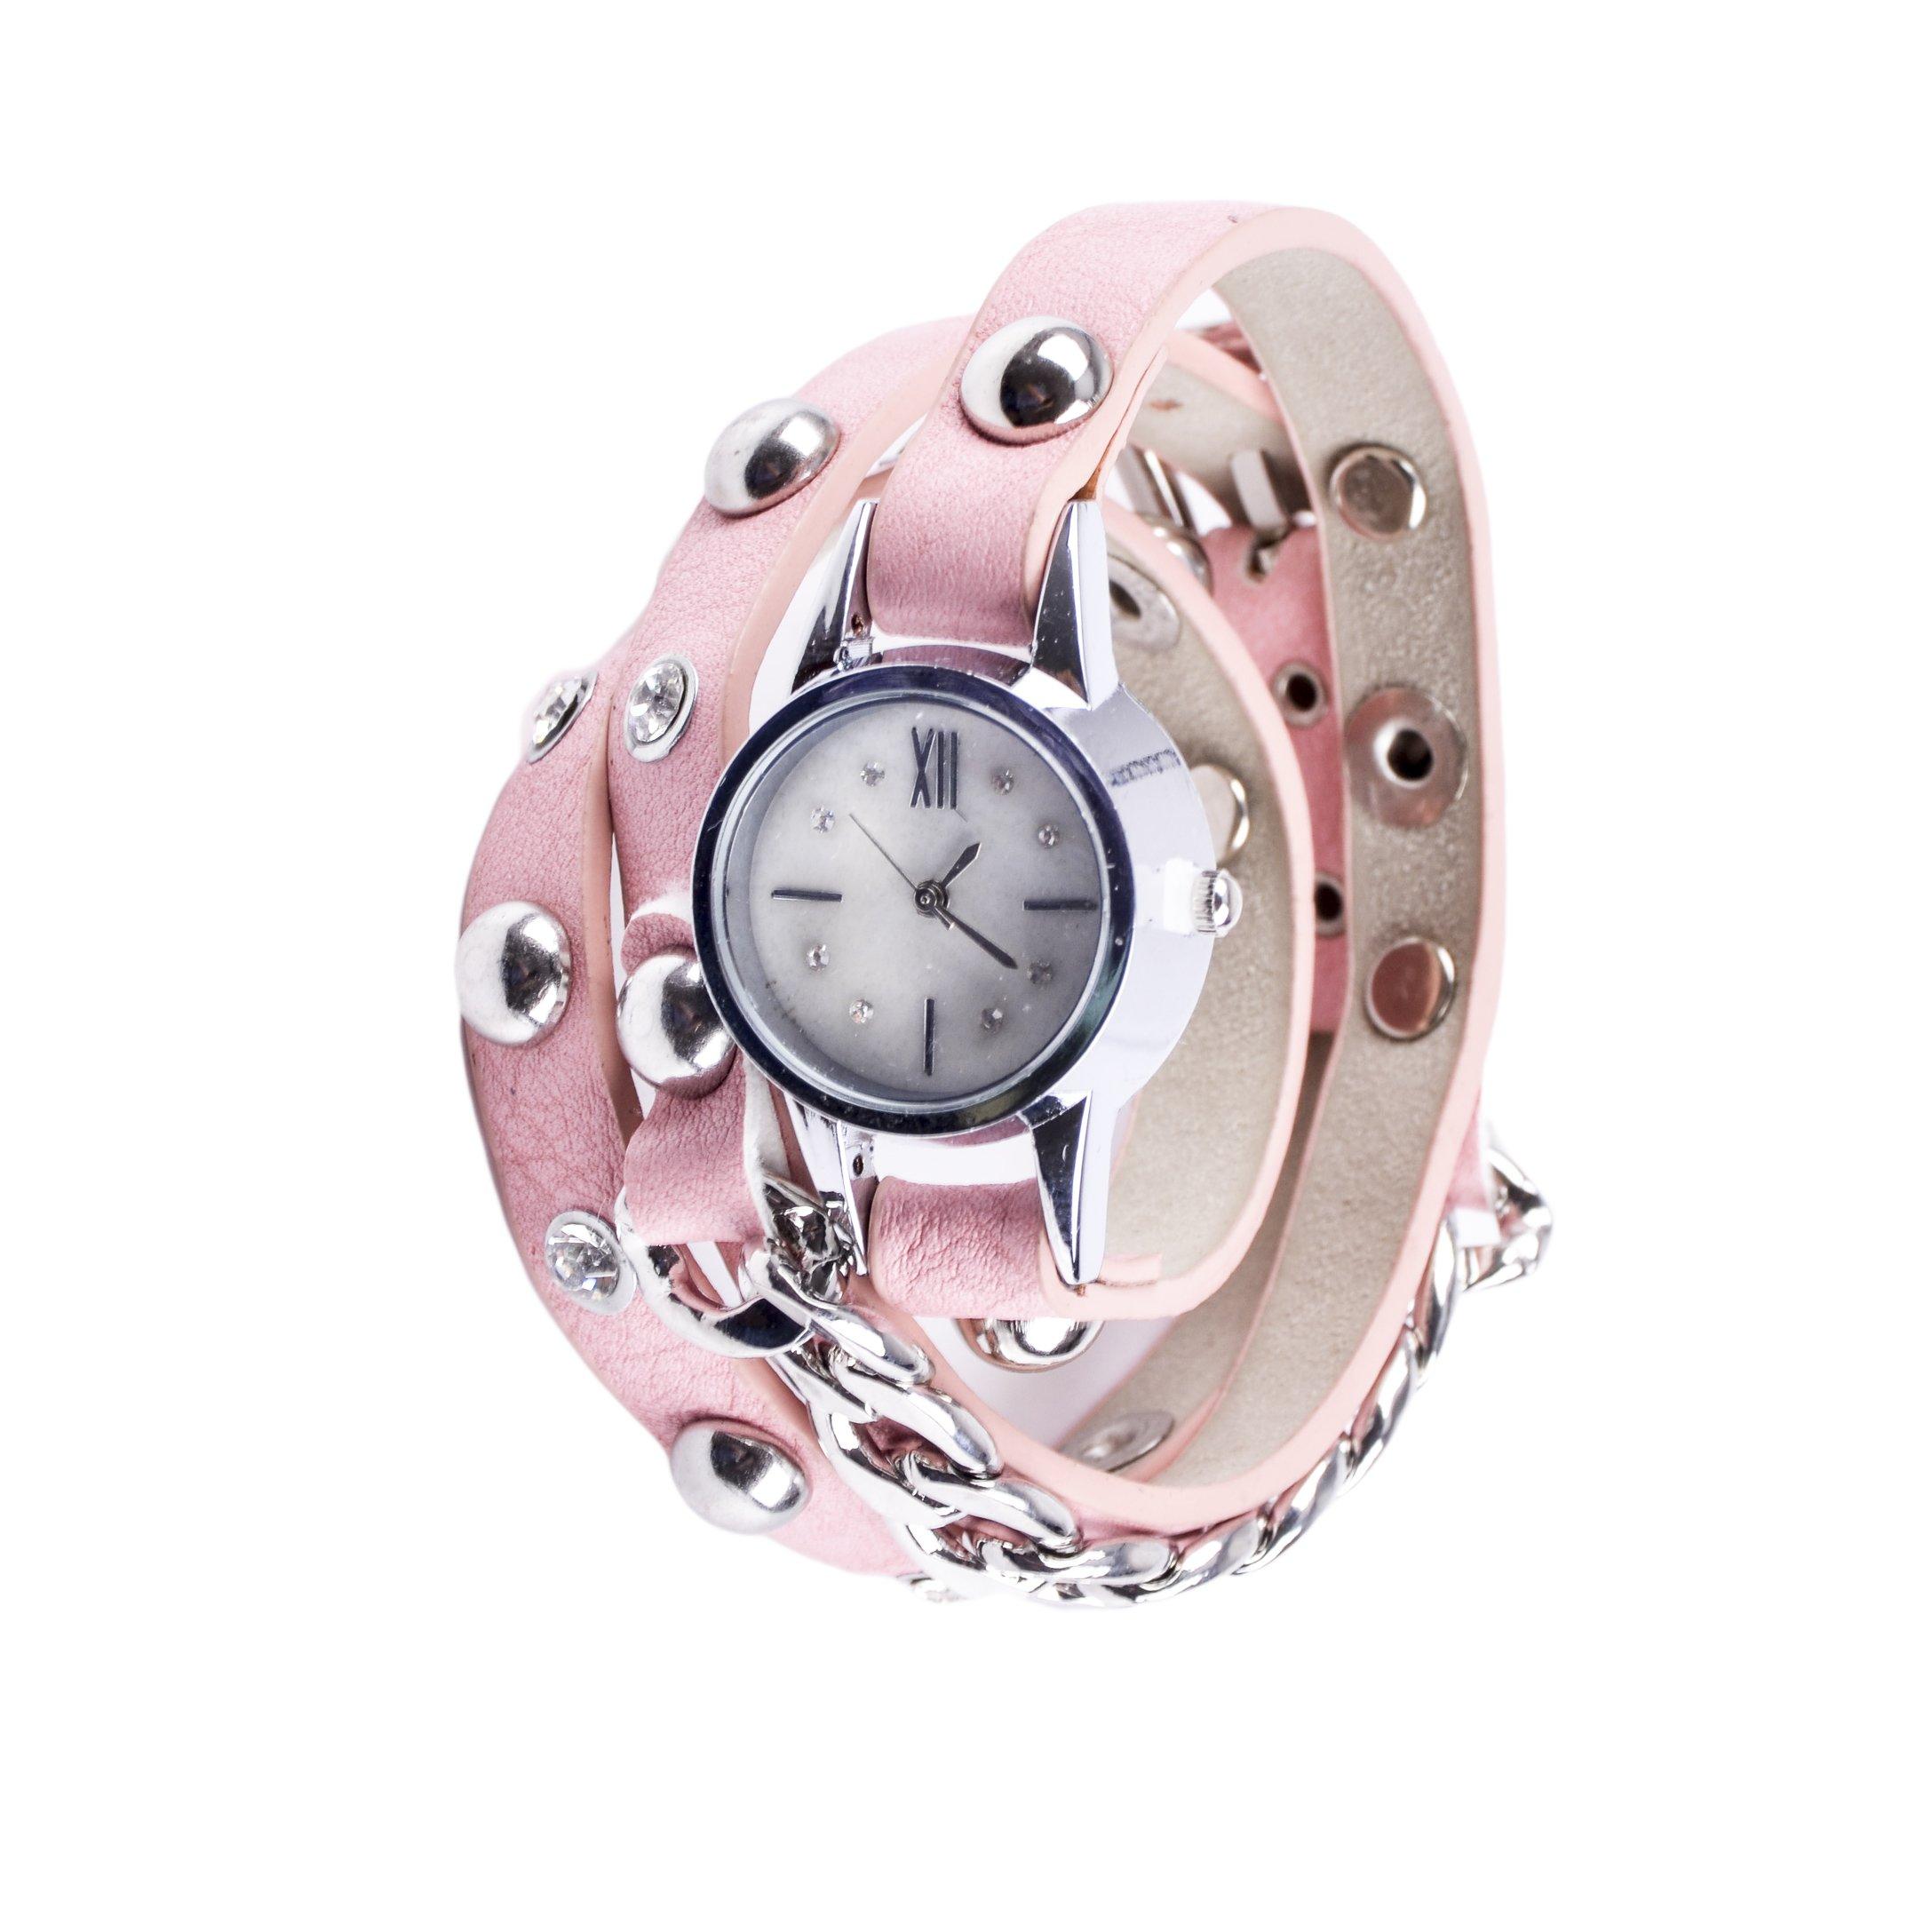 Ceas dama M5-264 roz